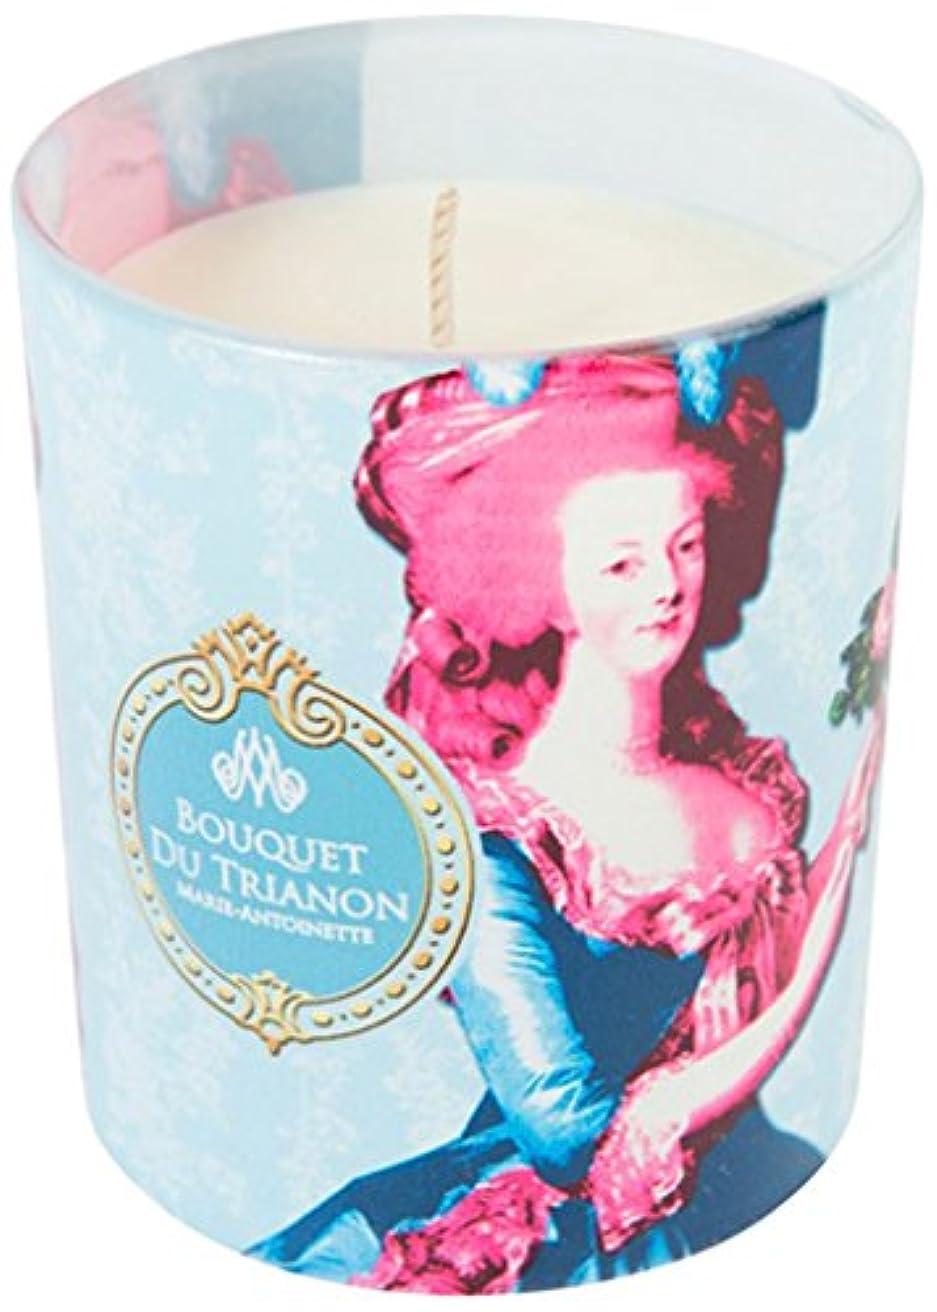 ストリーム回想水銀のヒストリア ポップアートキャンドル ブーケトリアノン 色とりどりの花のブーケの香り